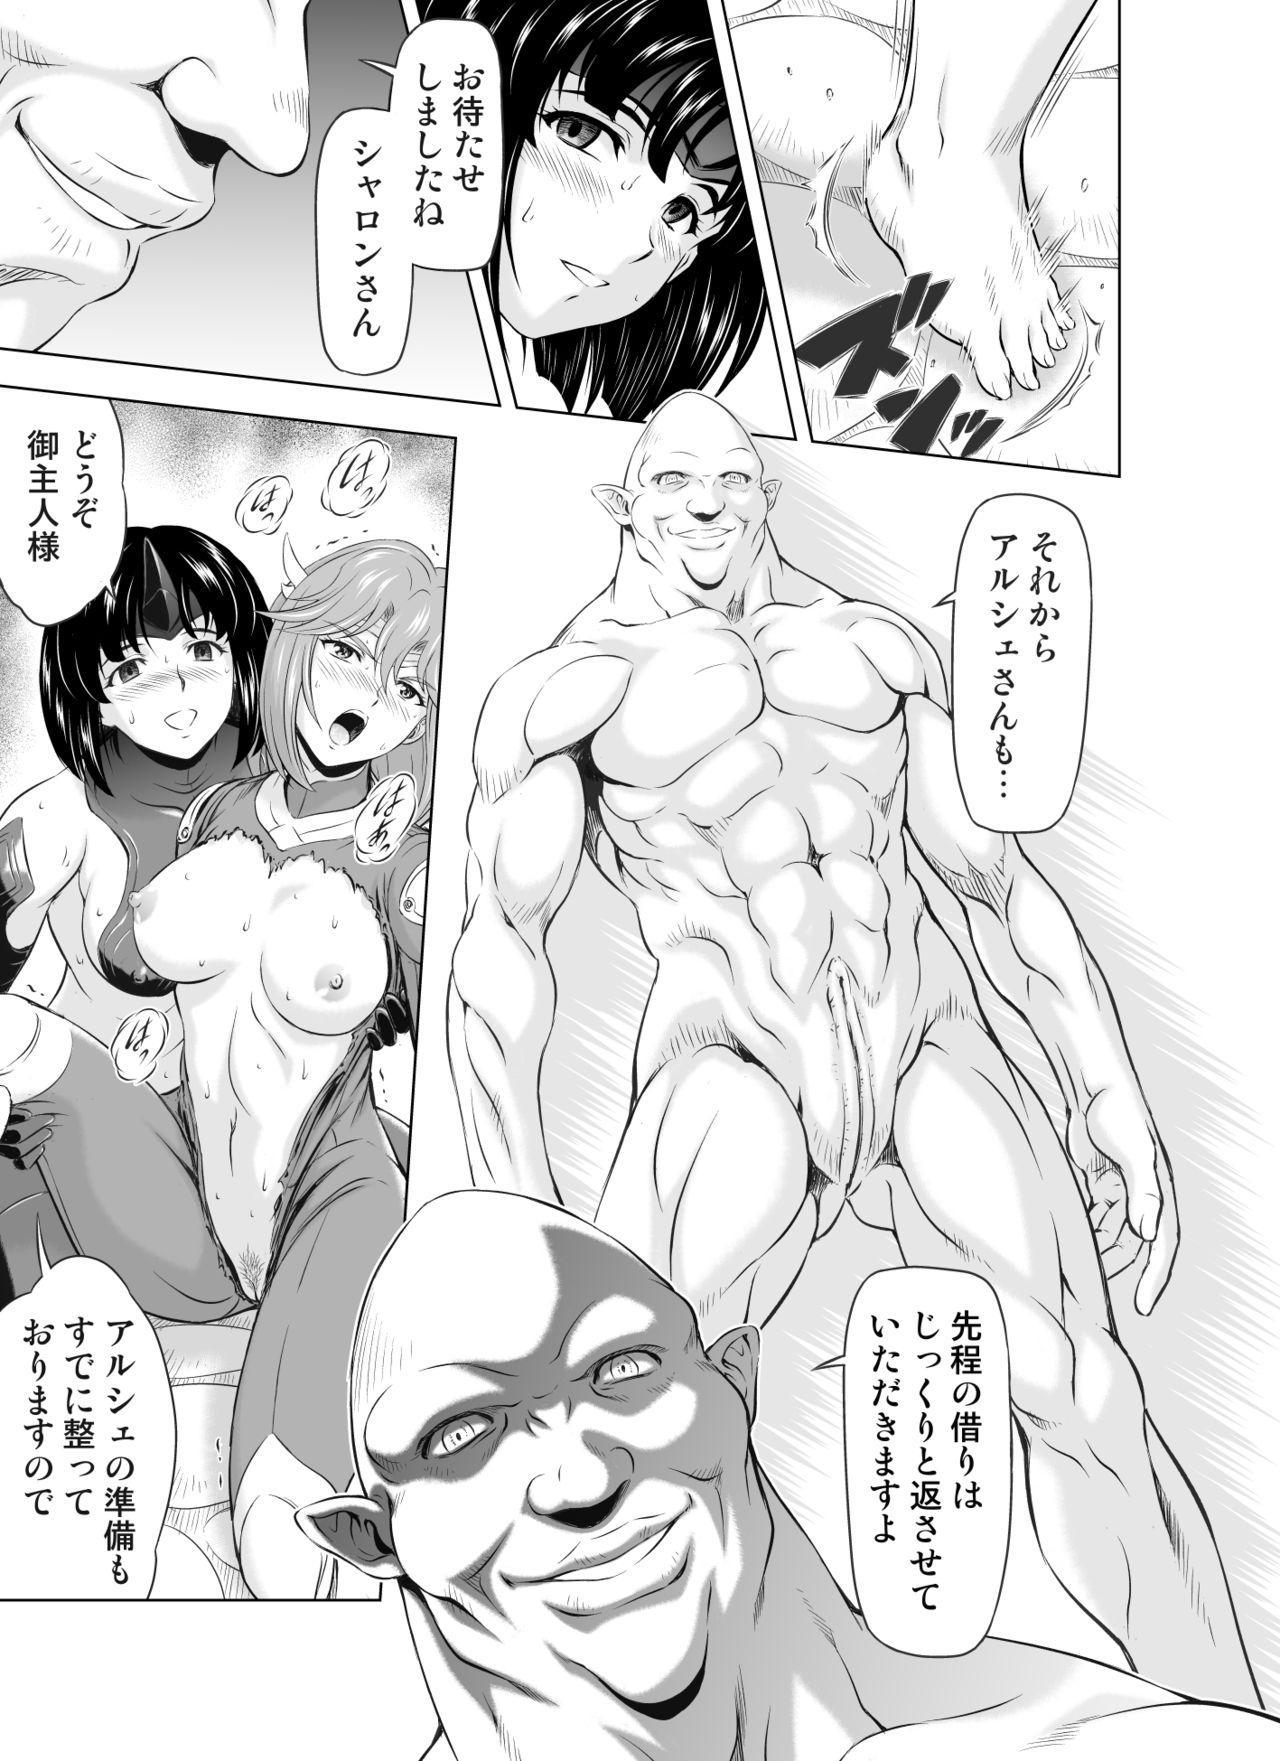 Reties no Michibiki Vol. 5 10